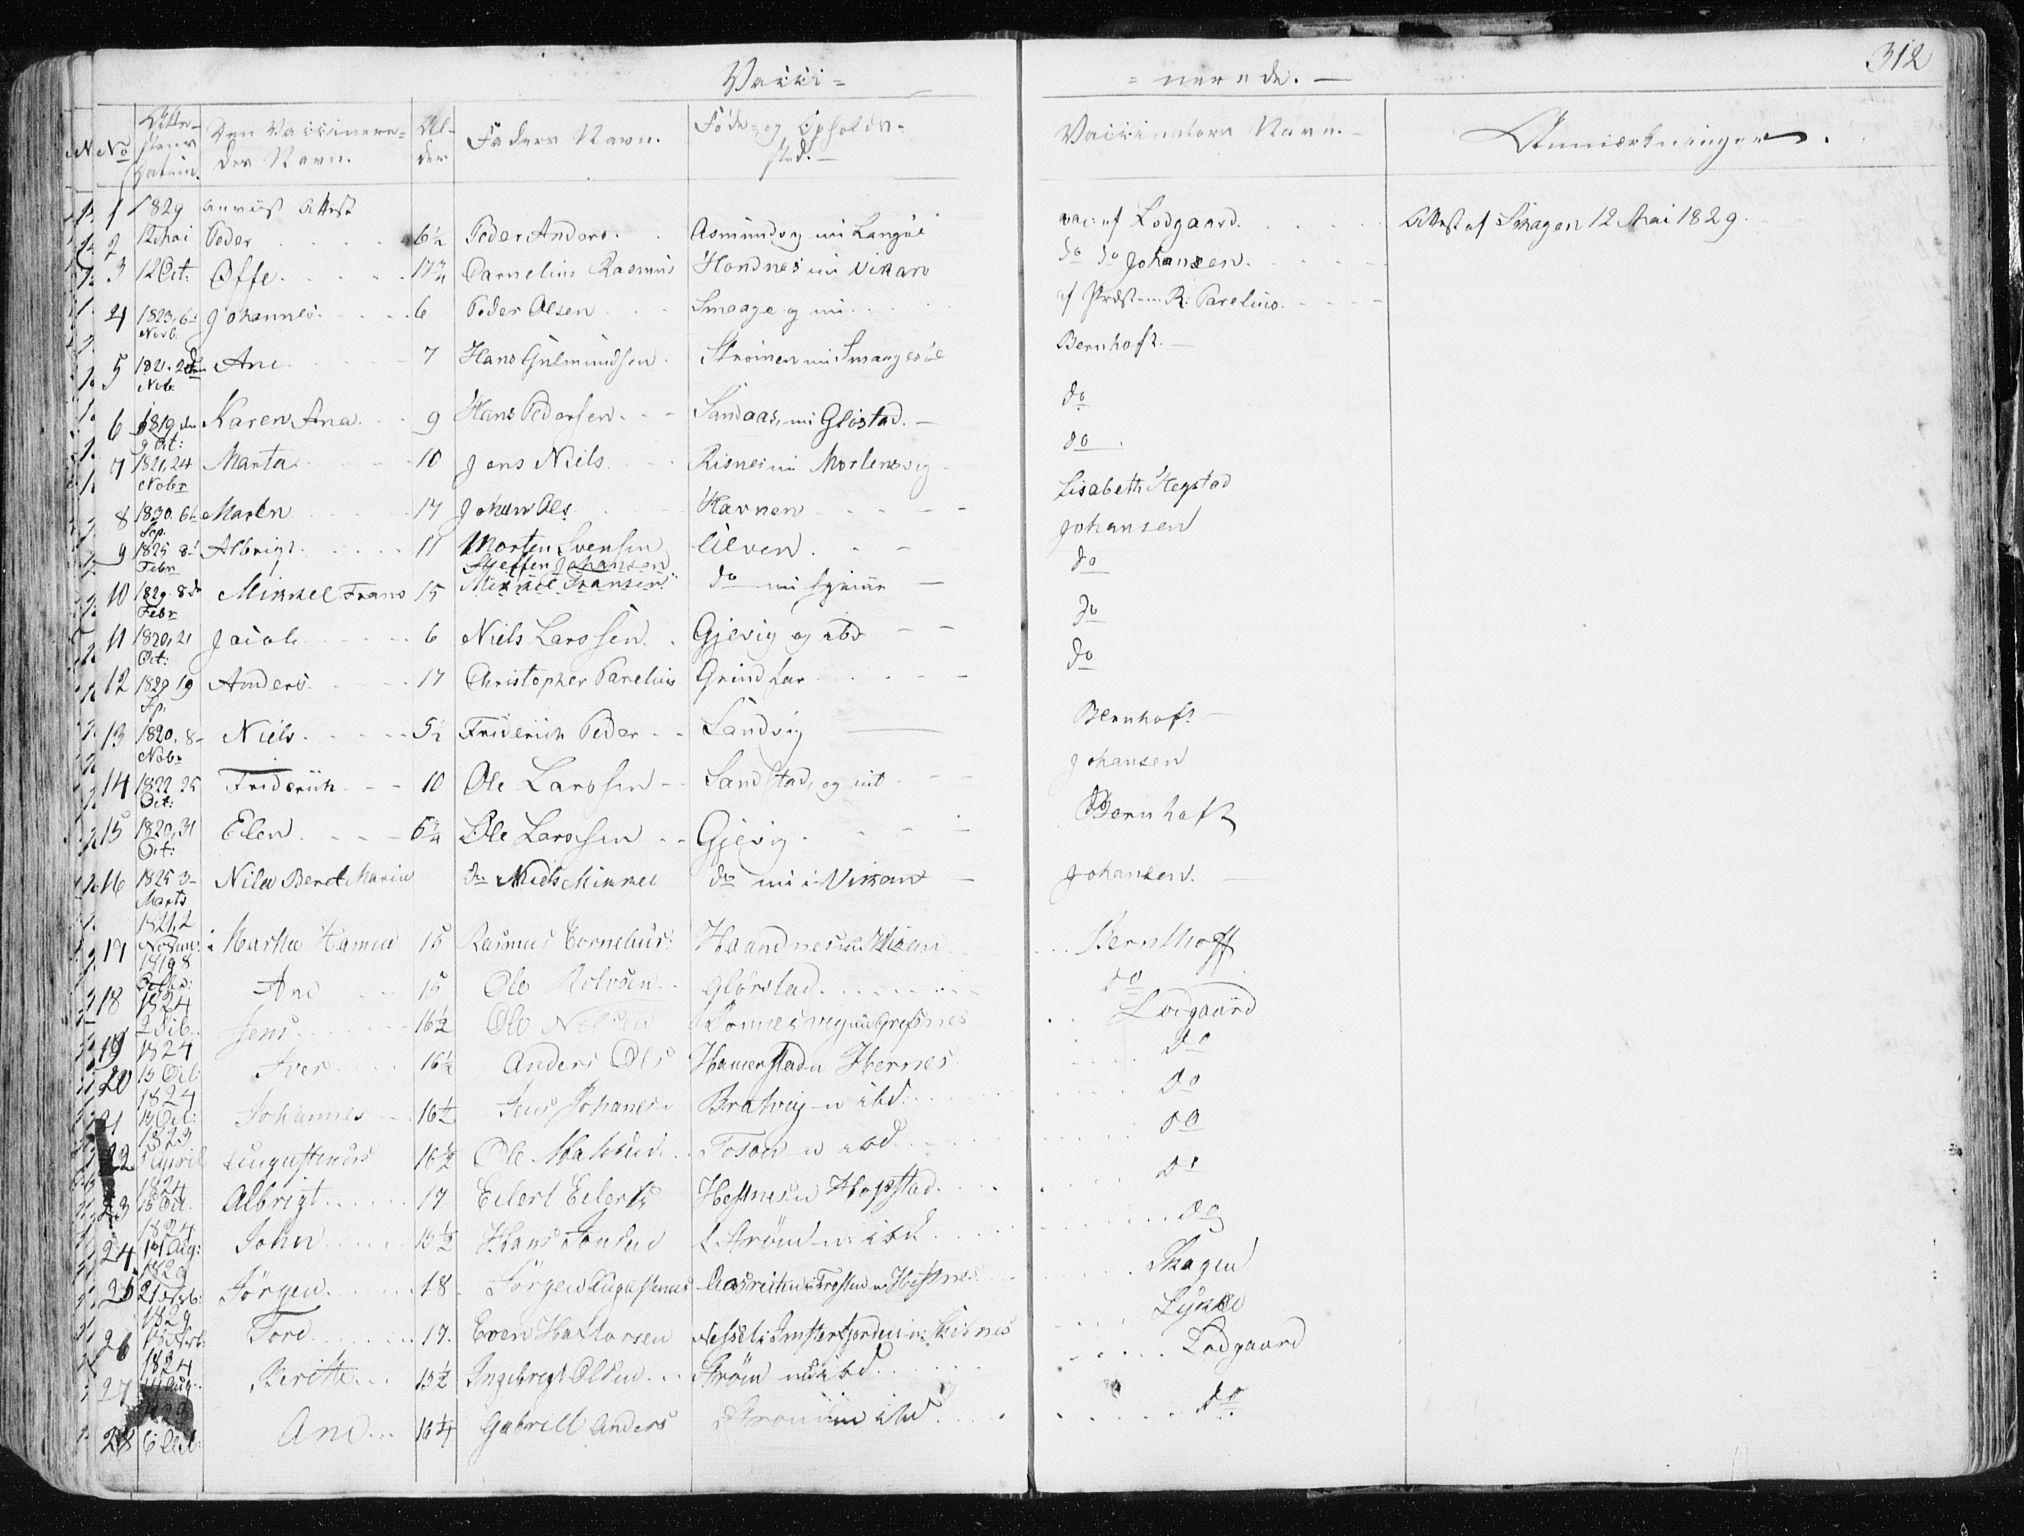 SAT, Ministerialprotokoller, klokkerbøker og fødselsregistre - Sør-Trøndelag, 634/L0528: Ministerialbok nr. 634A04, 1827-1842, s. 312